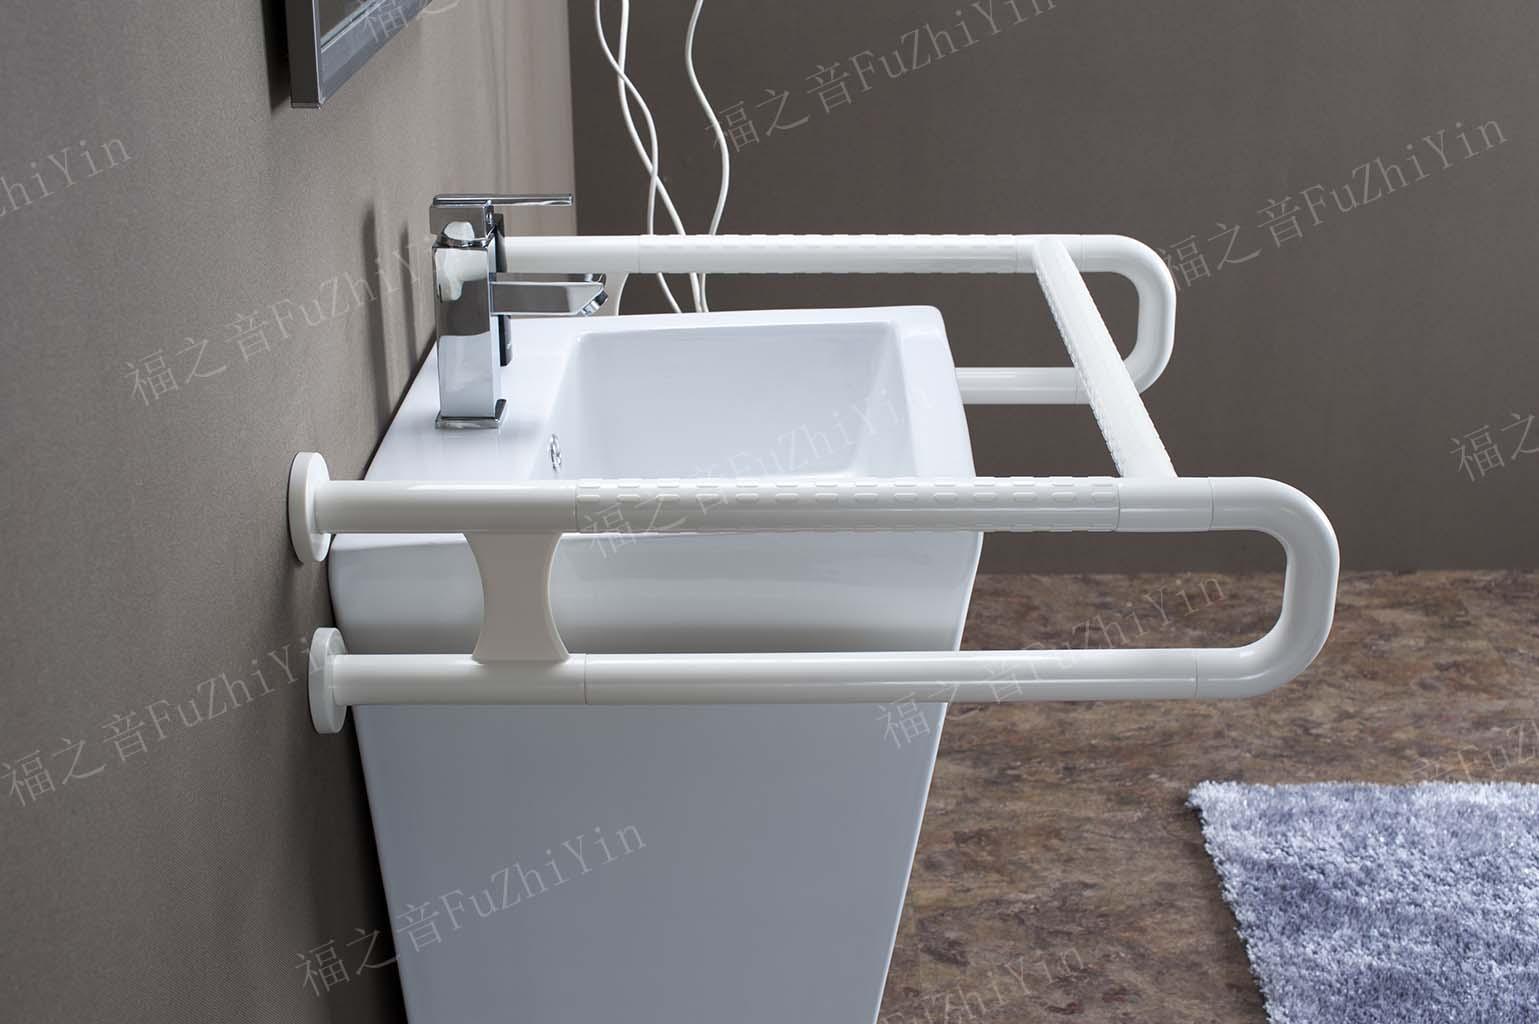 有品質的F-W0211-U型水平洗手盆掛墻扶手上哪買    -專業的F-W0211-U型水平洗手盆掛墻扶手